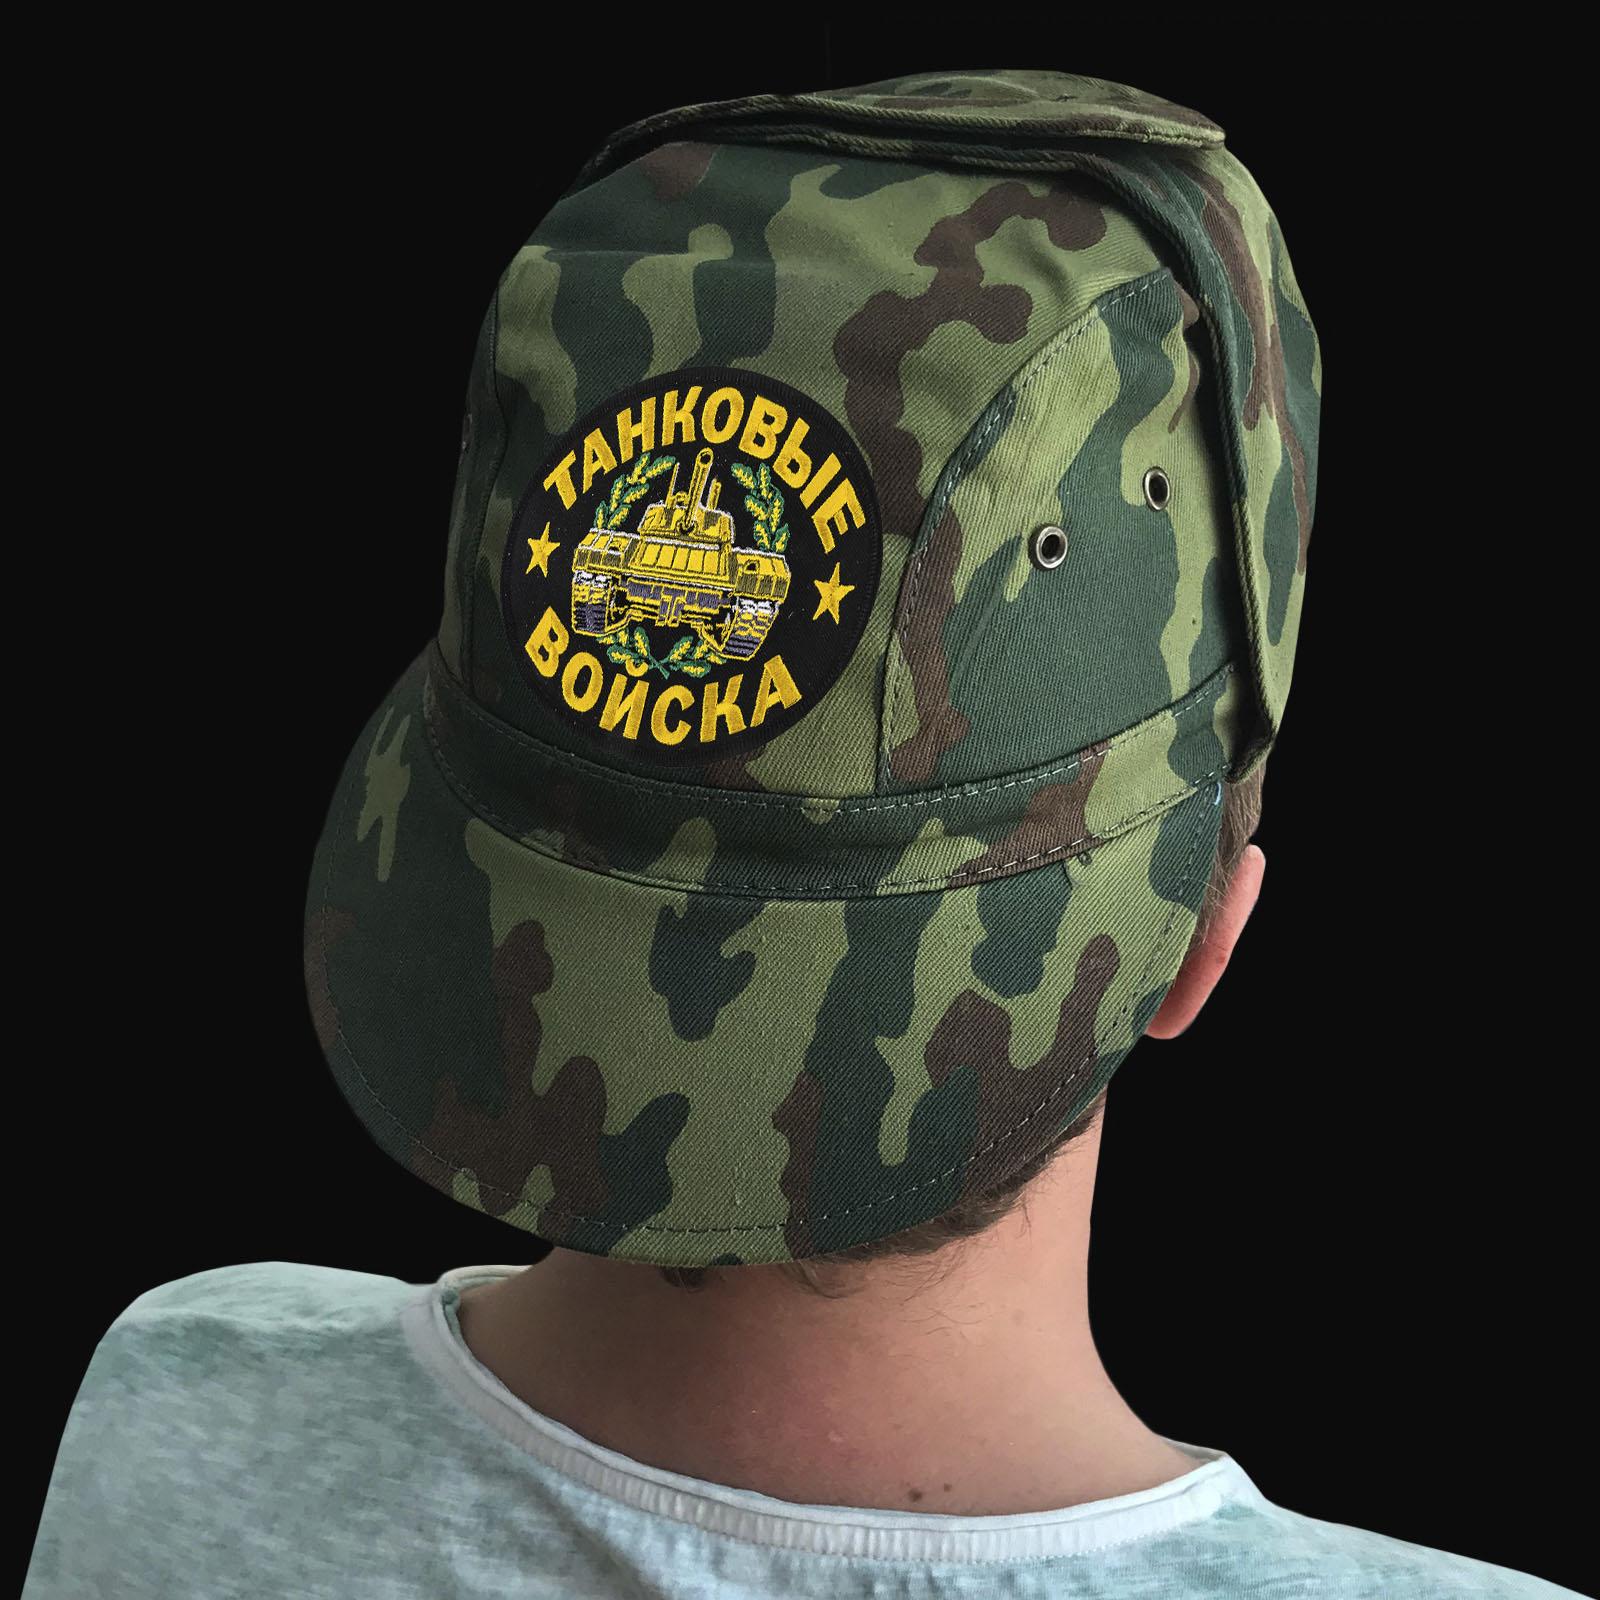 Заказать на подарок танкисту камуфляжную кепку с шевроном